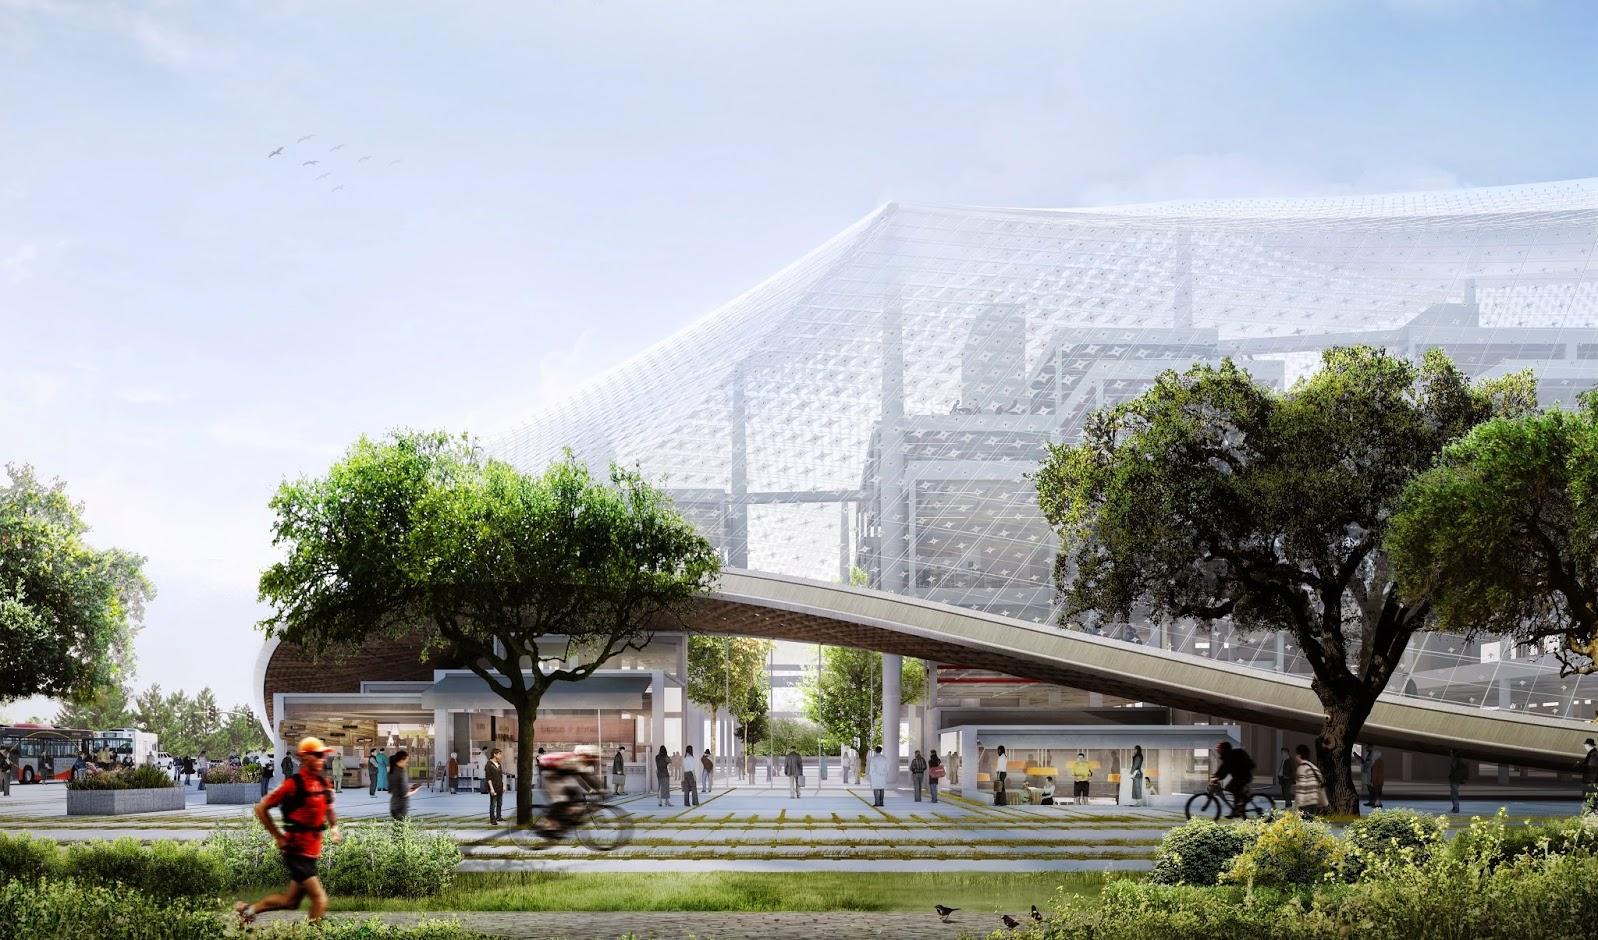 De gigantesques auvents translucides domineront une galerie commerciale